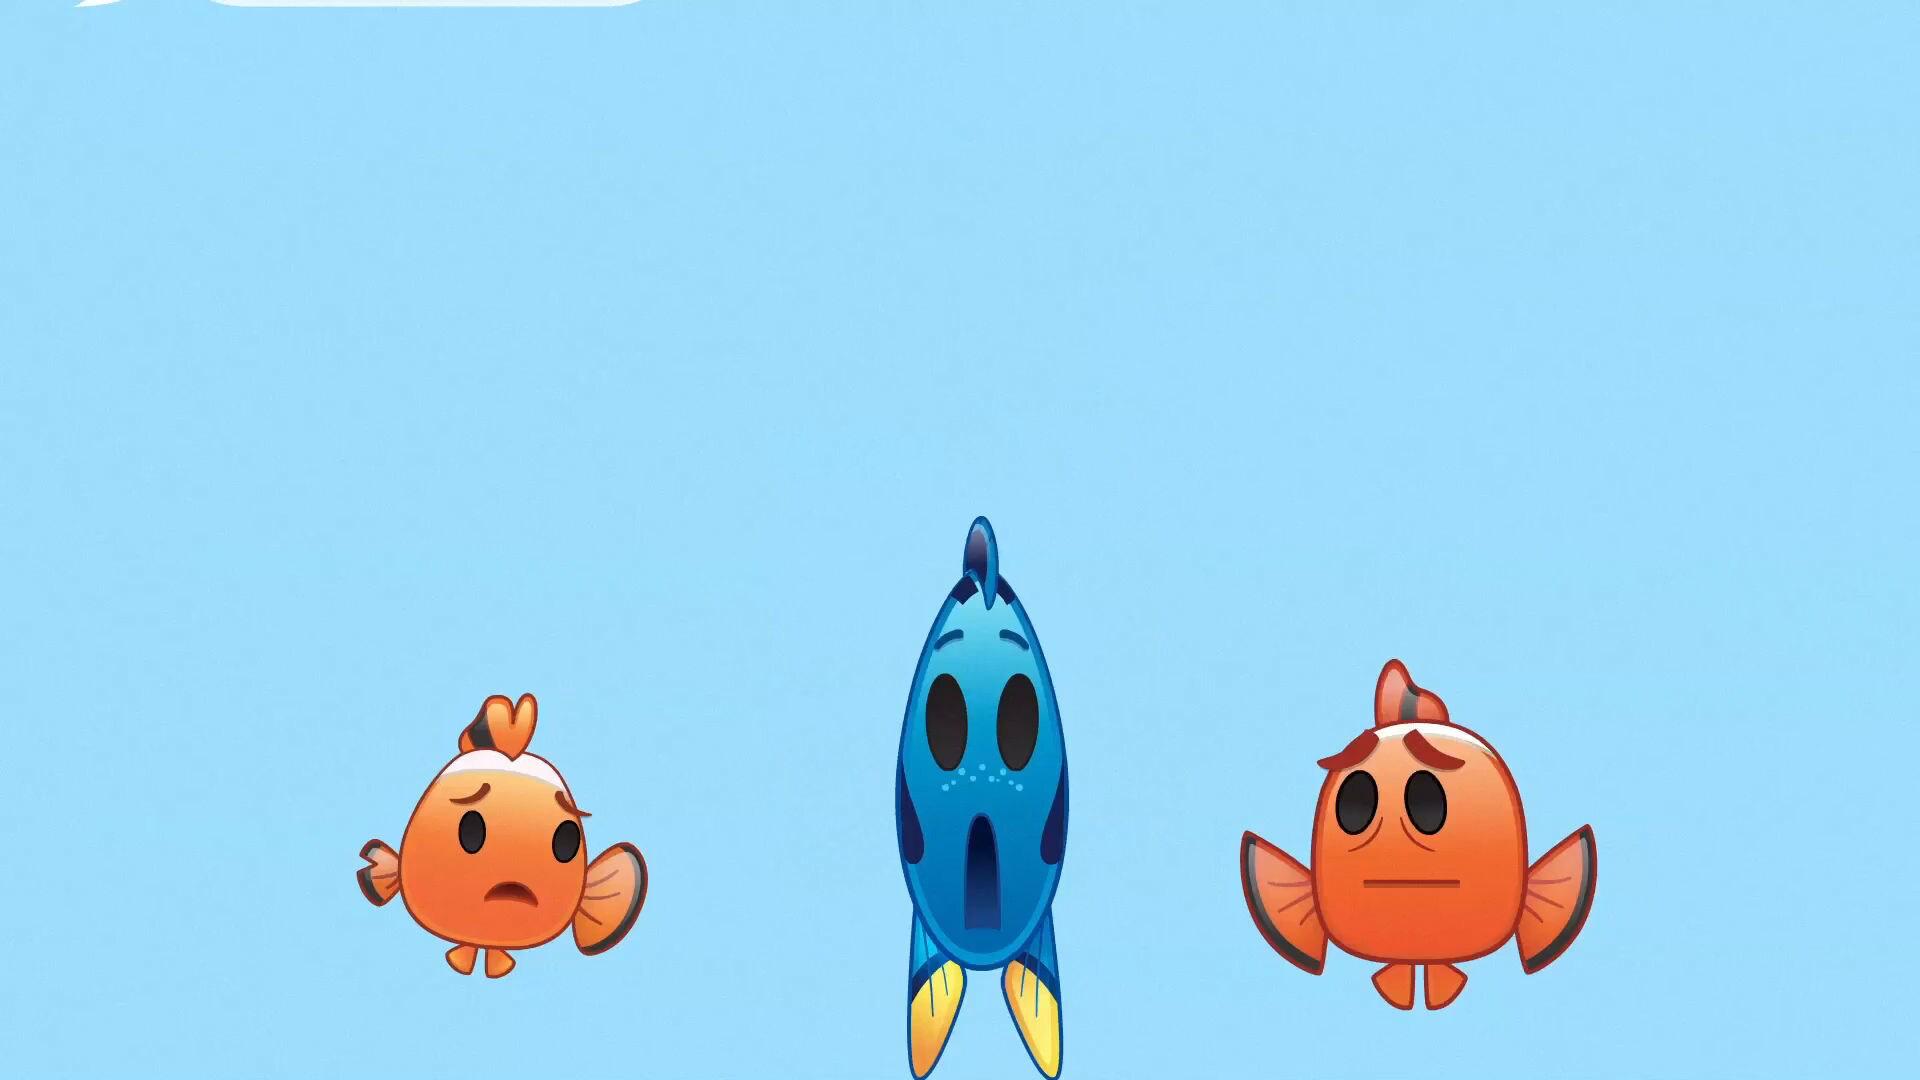 Ψάχνοντας τη Ντόρι όπως θα το έλεγαν τα Emoji